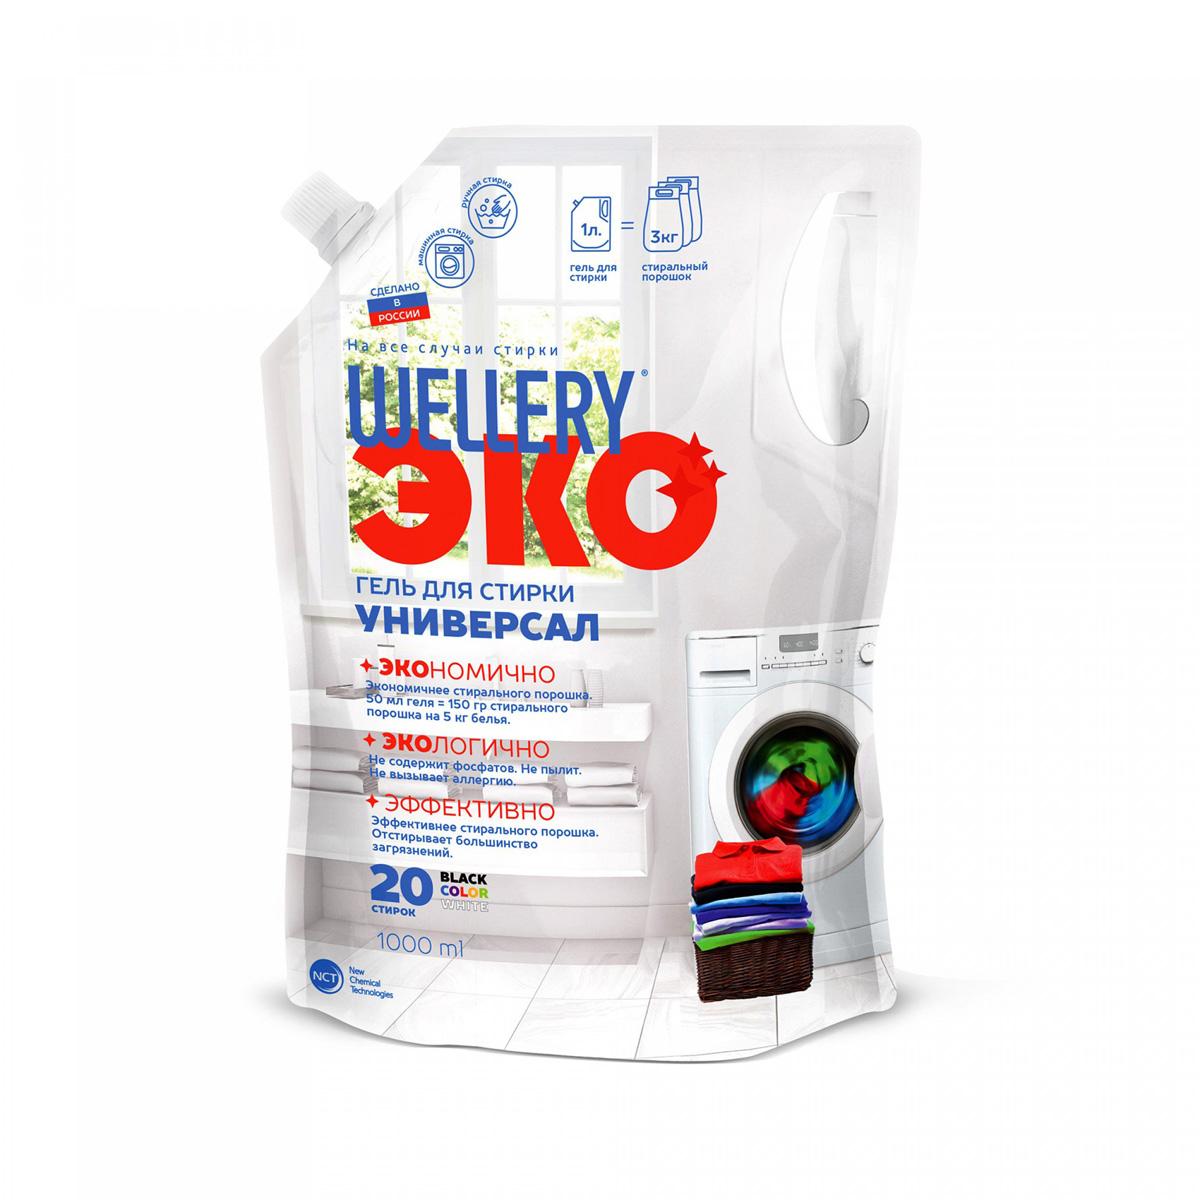 Гель для стирки Wellery ЭКО Универсал, для стирки цветного белья, 1 л4640015110798 Гель предназначен для стирки тканей всех цветов.Экономичнее стирального порошка в 3 раза: на 5 кг белья требуется всего 50 мл средства вместо 150 гр сухого средства.Защищают от потери цвета, возвращают яркость тканям, сохраняя красоту любимых вещей.Отстирывают большинство загрязнений, что подтверждено лабораторными исследованиями.Изготовлены на основе компонентов, классифицируемых как биоразлагаемые.Не содержат фосфатов и красителей.Полностью вымываются из тканейКрасивый яркий дизайн упаковки несомненно привлечет Ваше внимание.Наличие ручки для переноски помогает удобству в использовании.